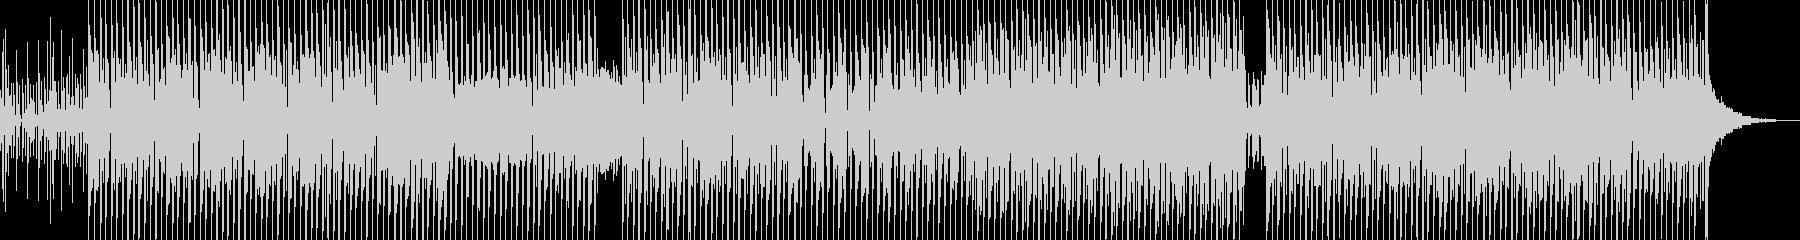 伝染的なビートと輝くダンスグルーブの未再生の波形